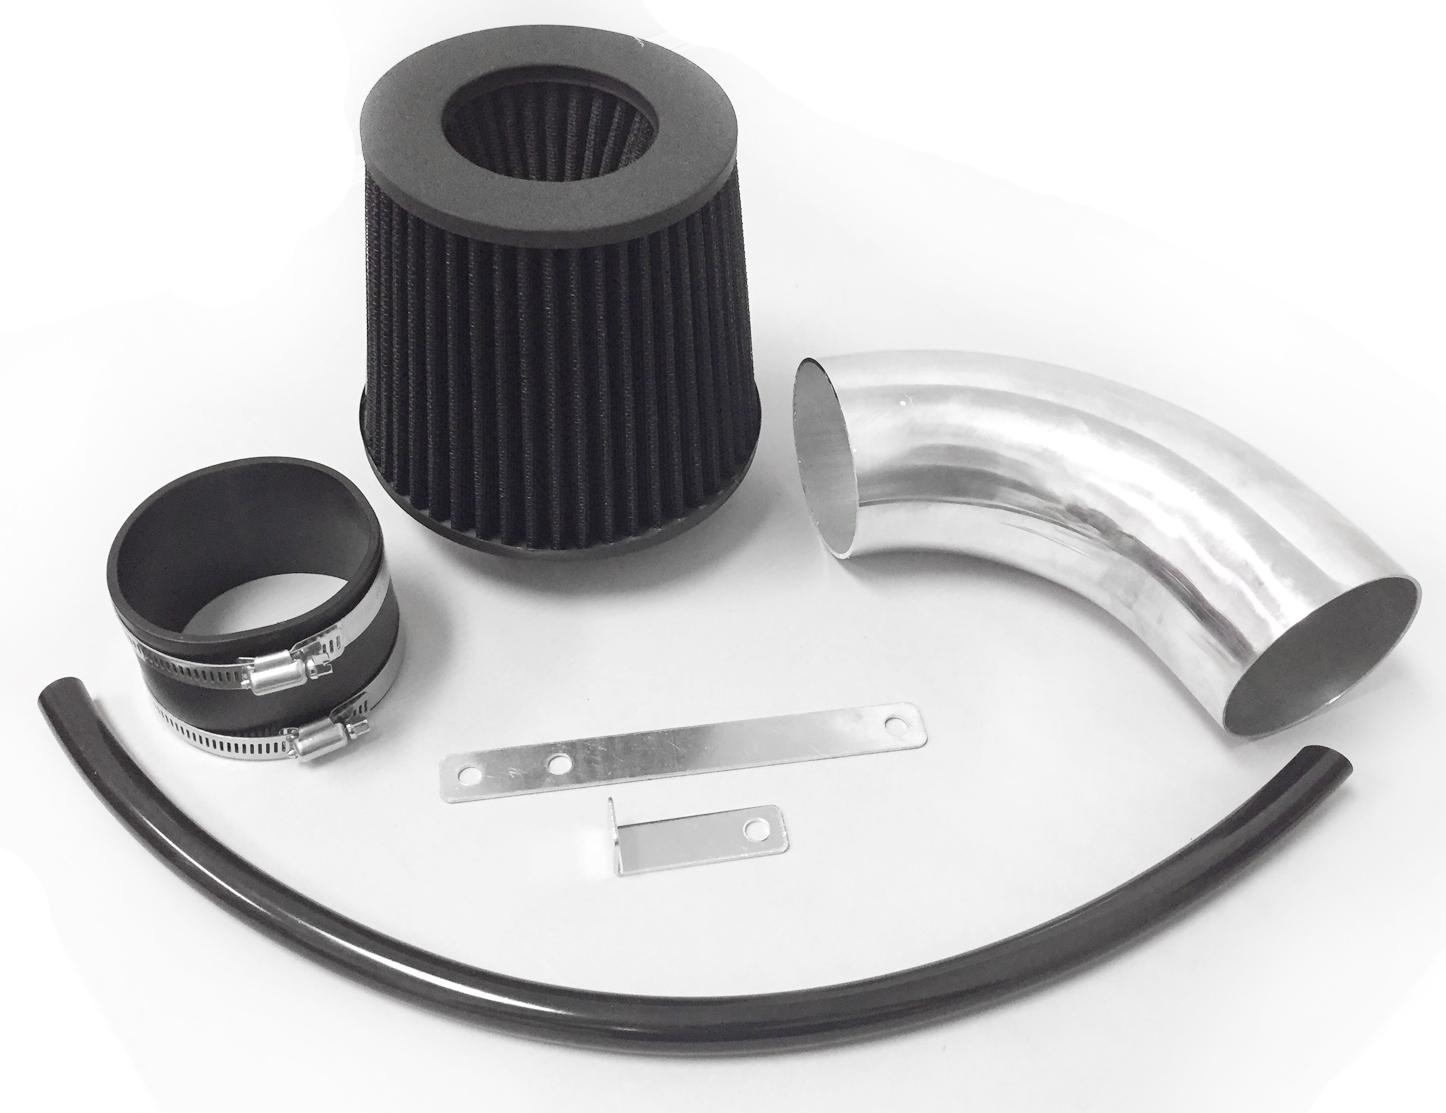 hight resolution of all black for 2012 2016 dodge charger srt8 6 4l v8 air intake kit filter